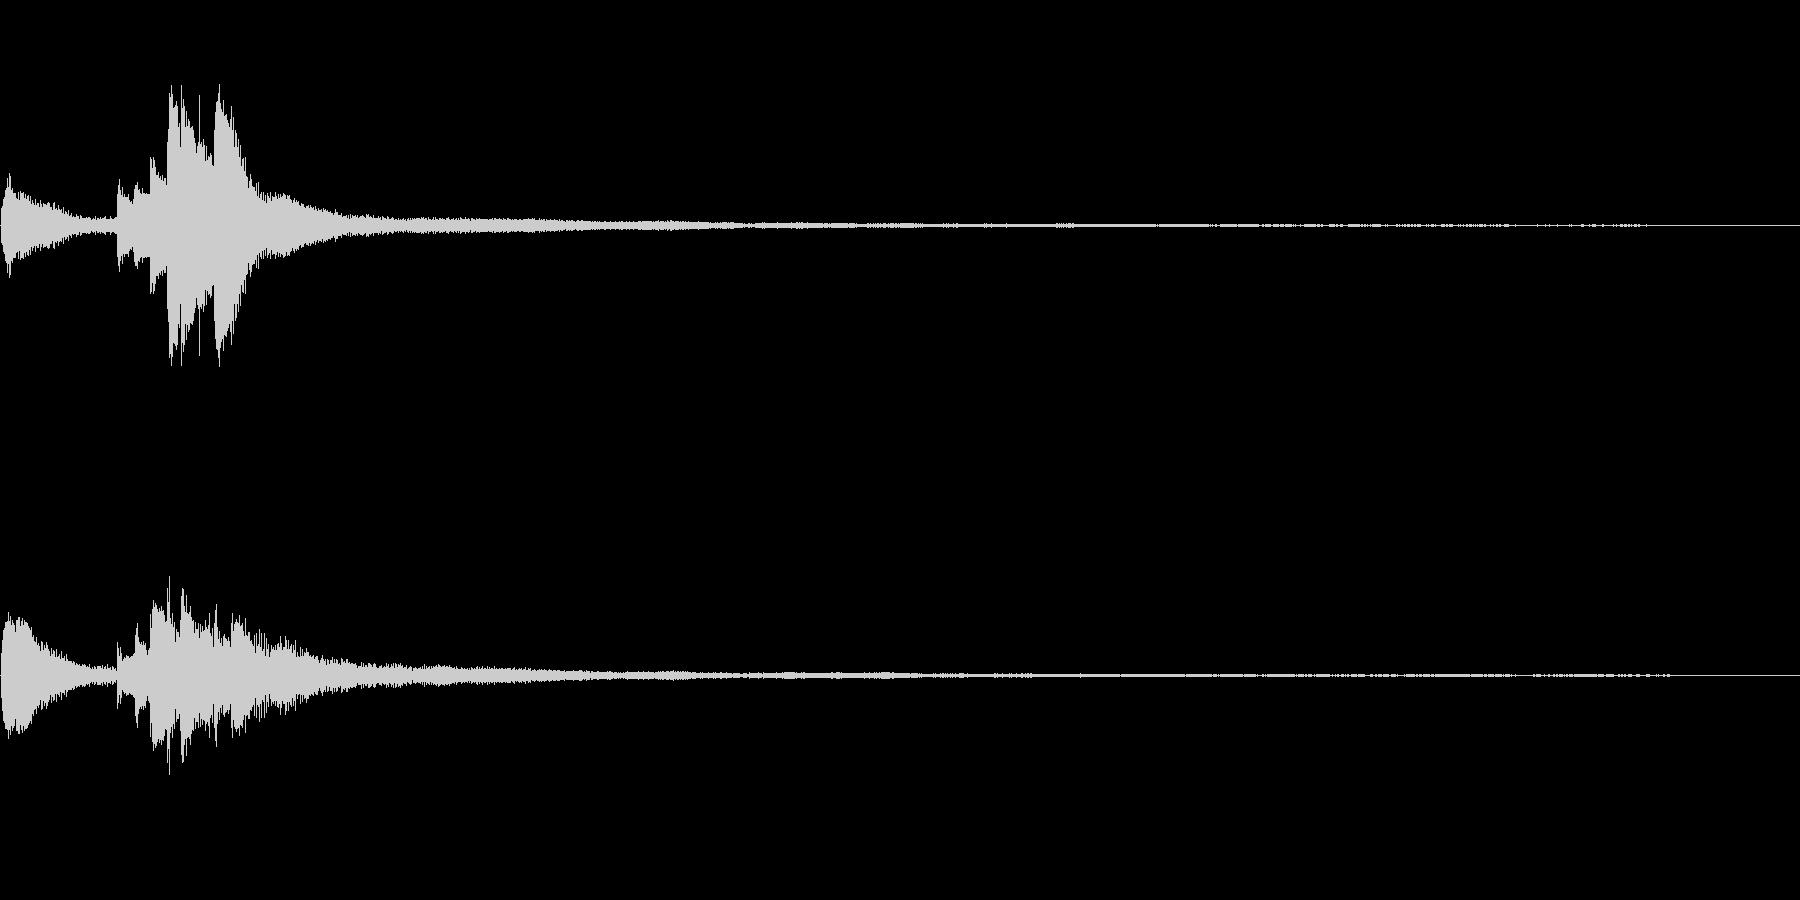 怪談話、和風ジングル32a-ピアノソロの未再生の波形